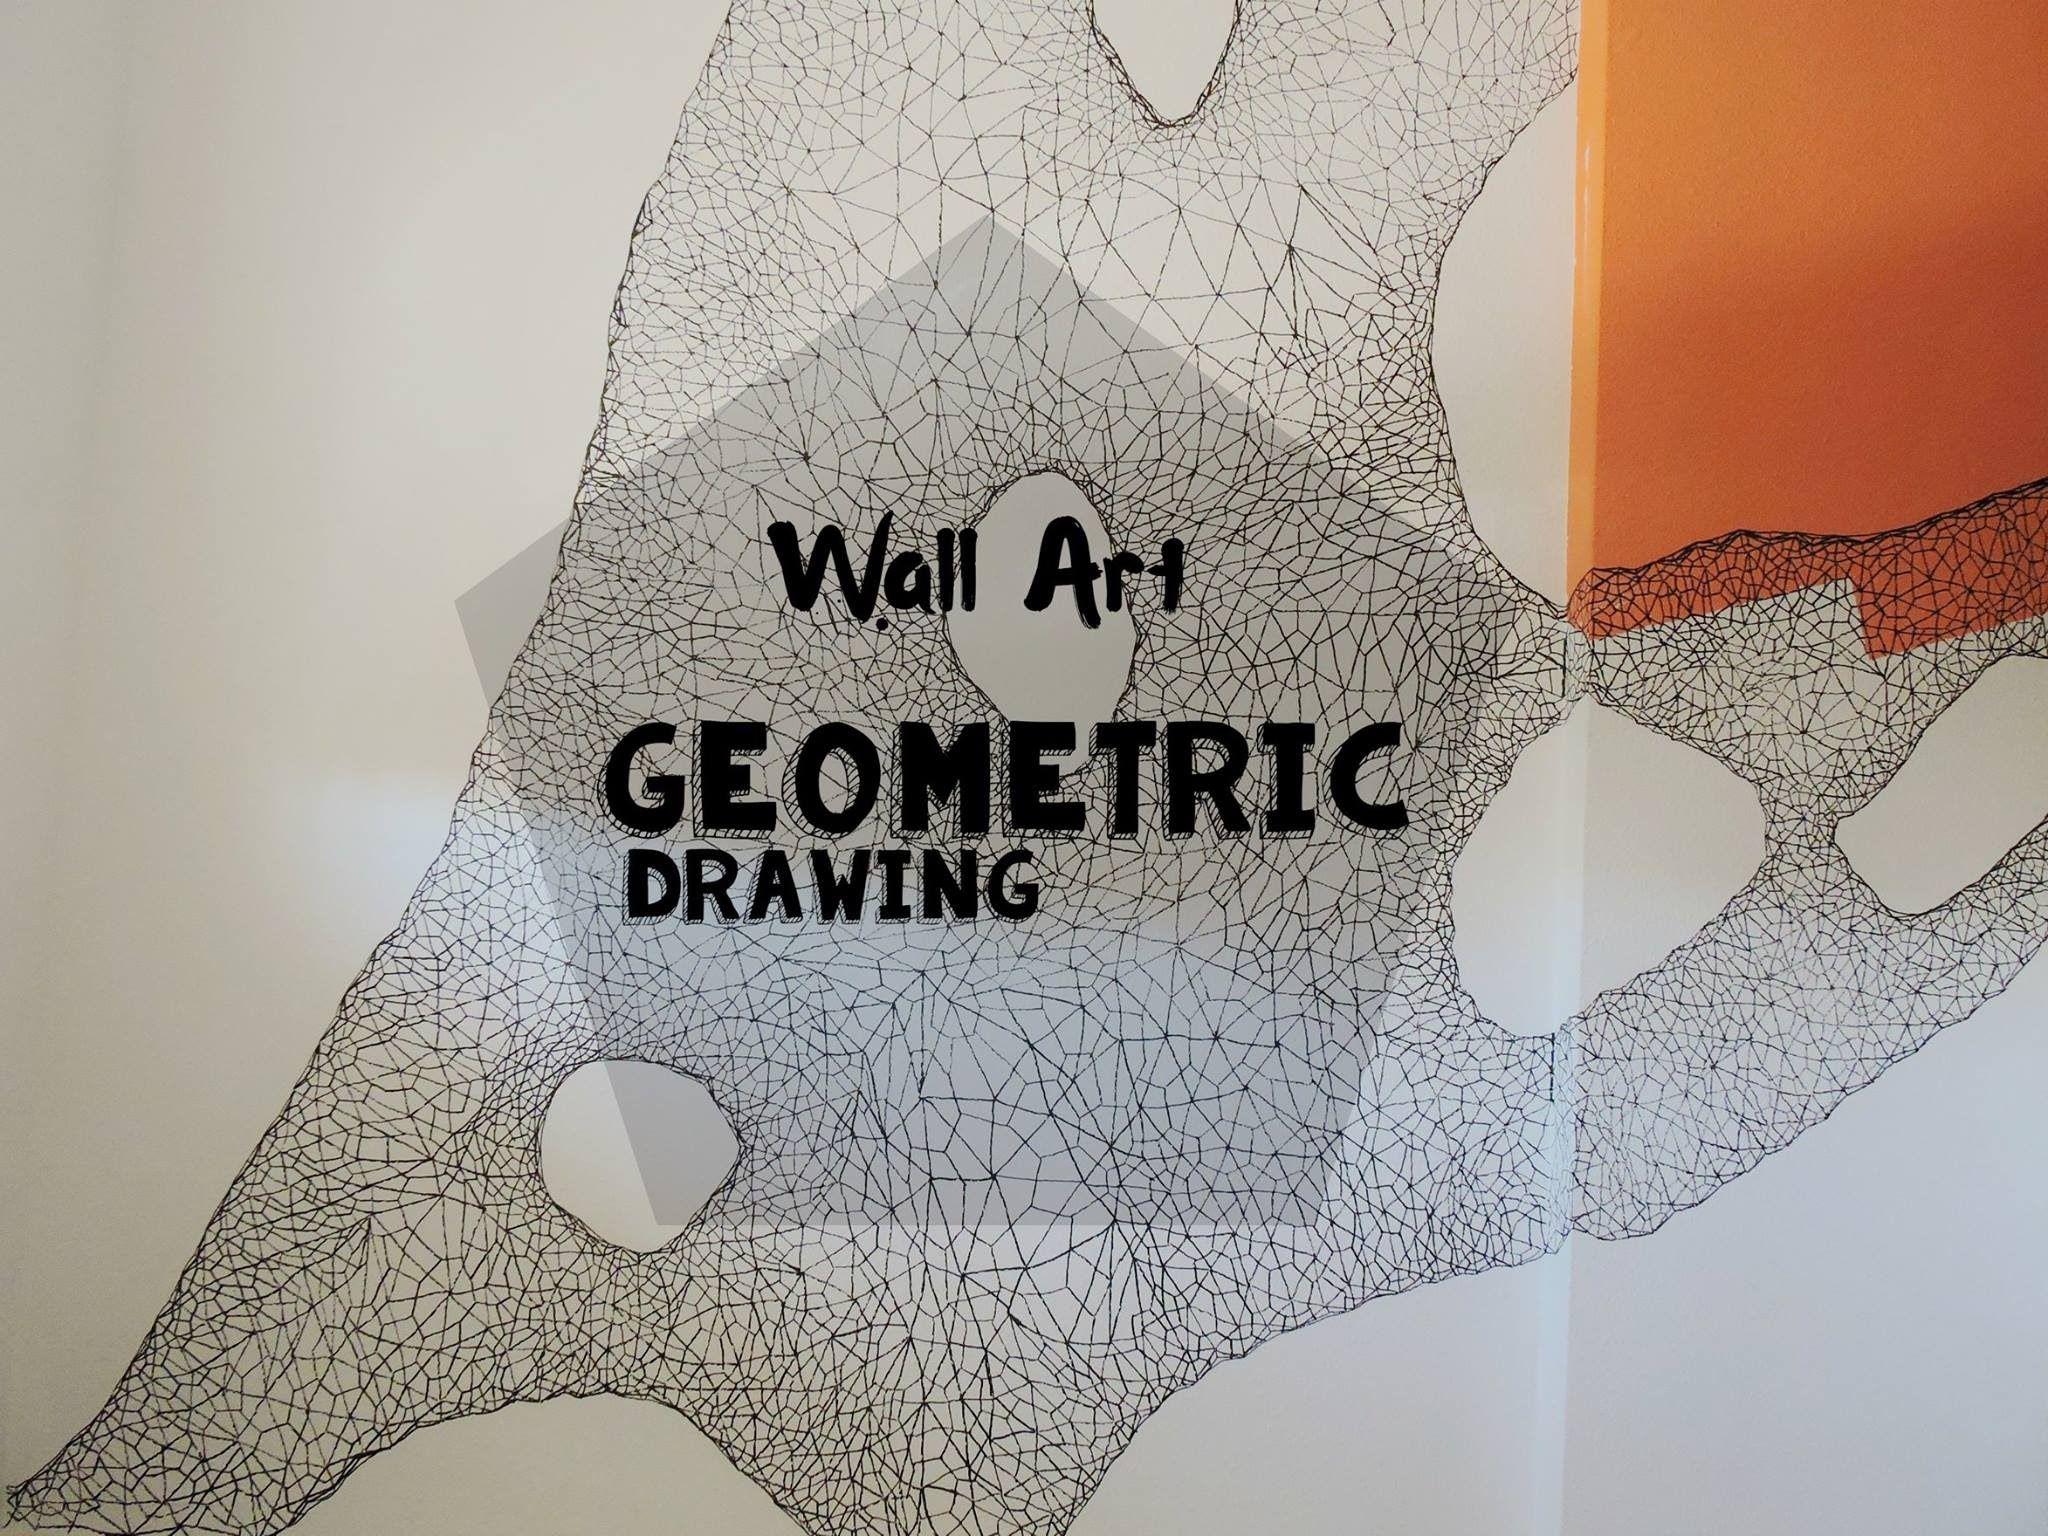 Speed painting Wall Art Geometric drawing - Arte en muro Pintura Geométrica